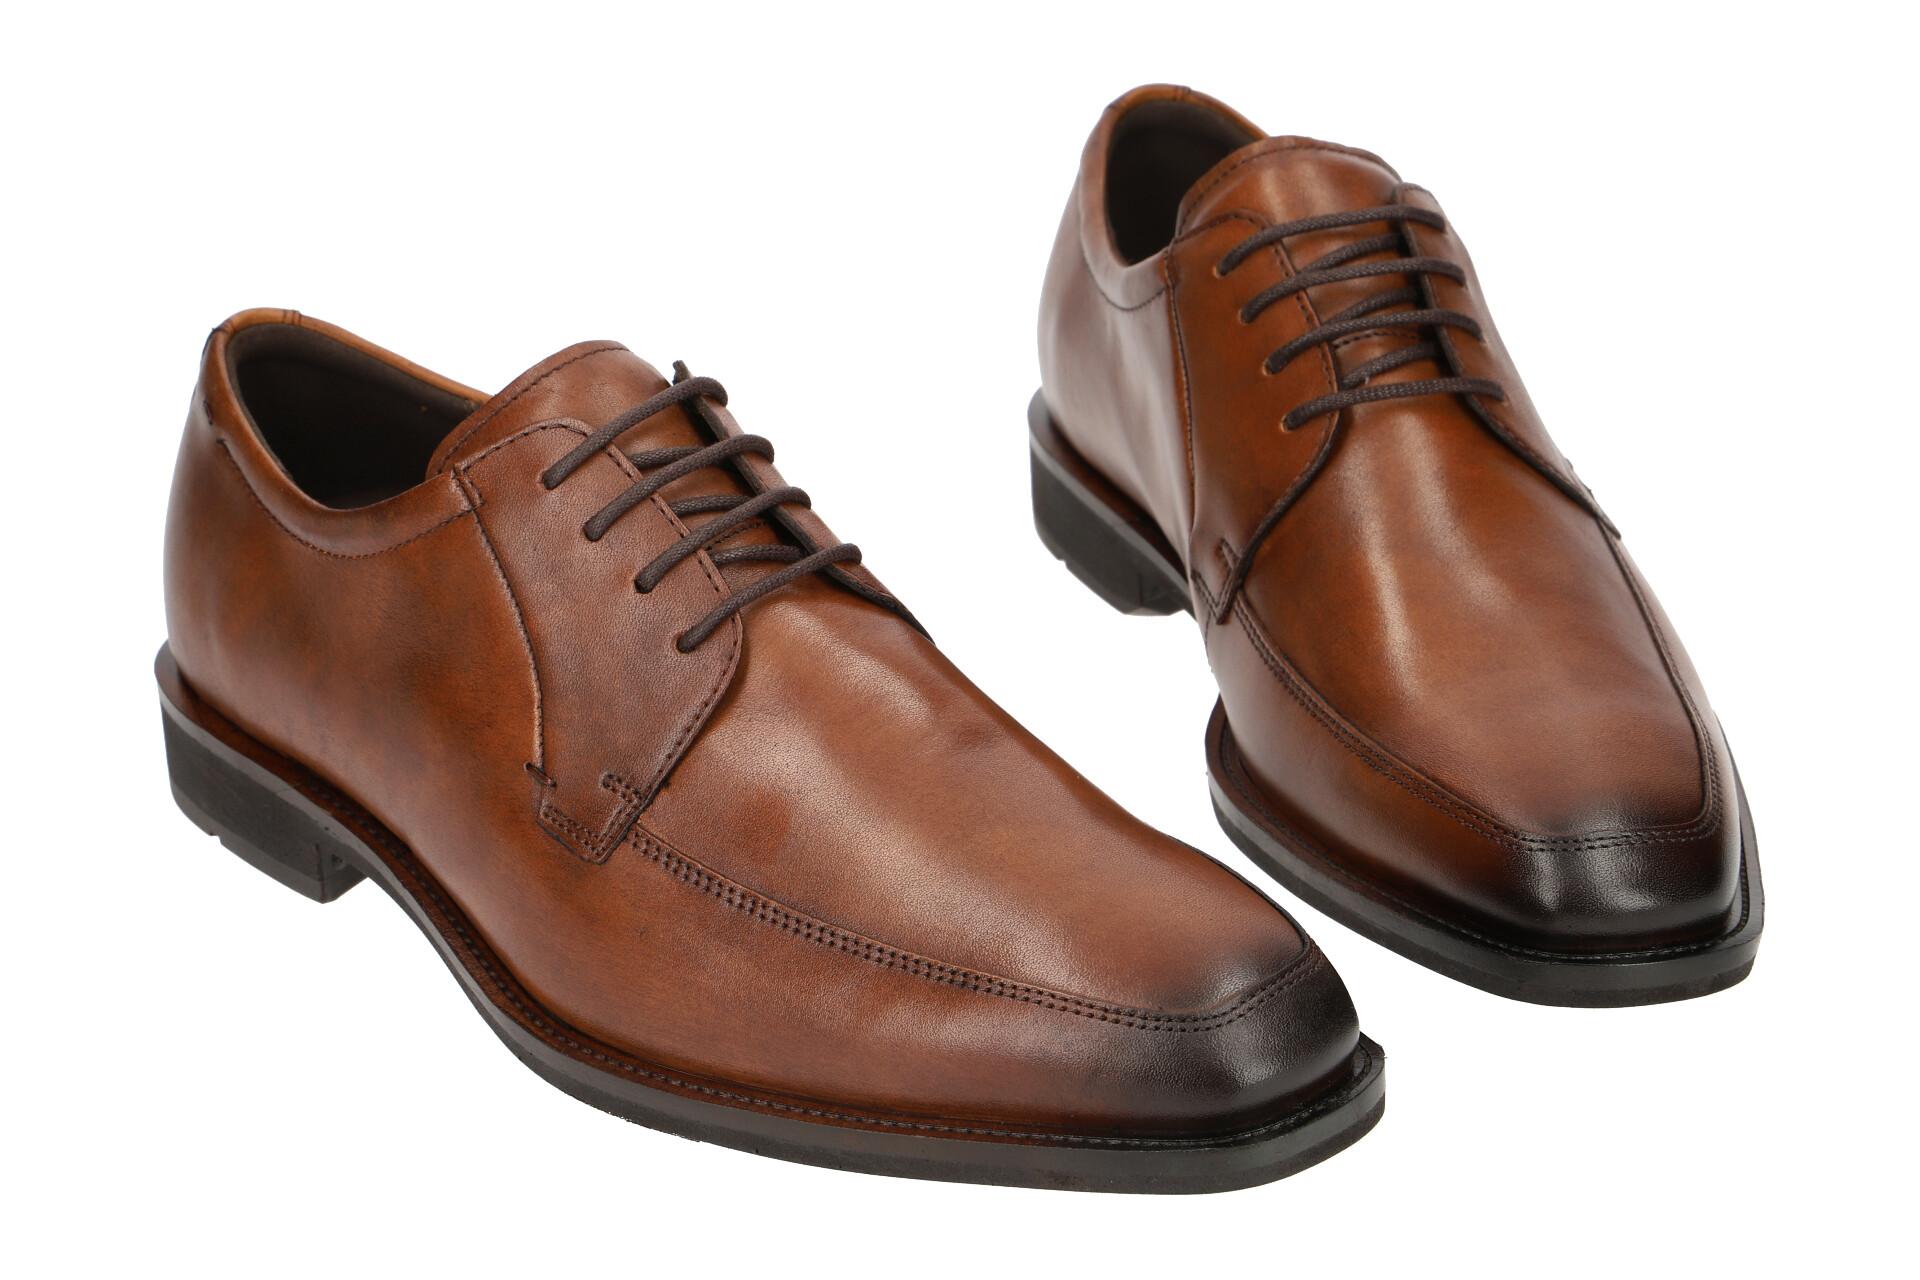 Herrenschuhe Zu Elegante Braun Ecco Neu Schuhe Halbschuhe Calcan 64071401112 Details OkuXiTPZ